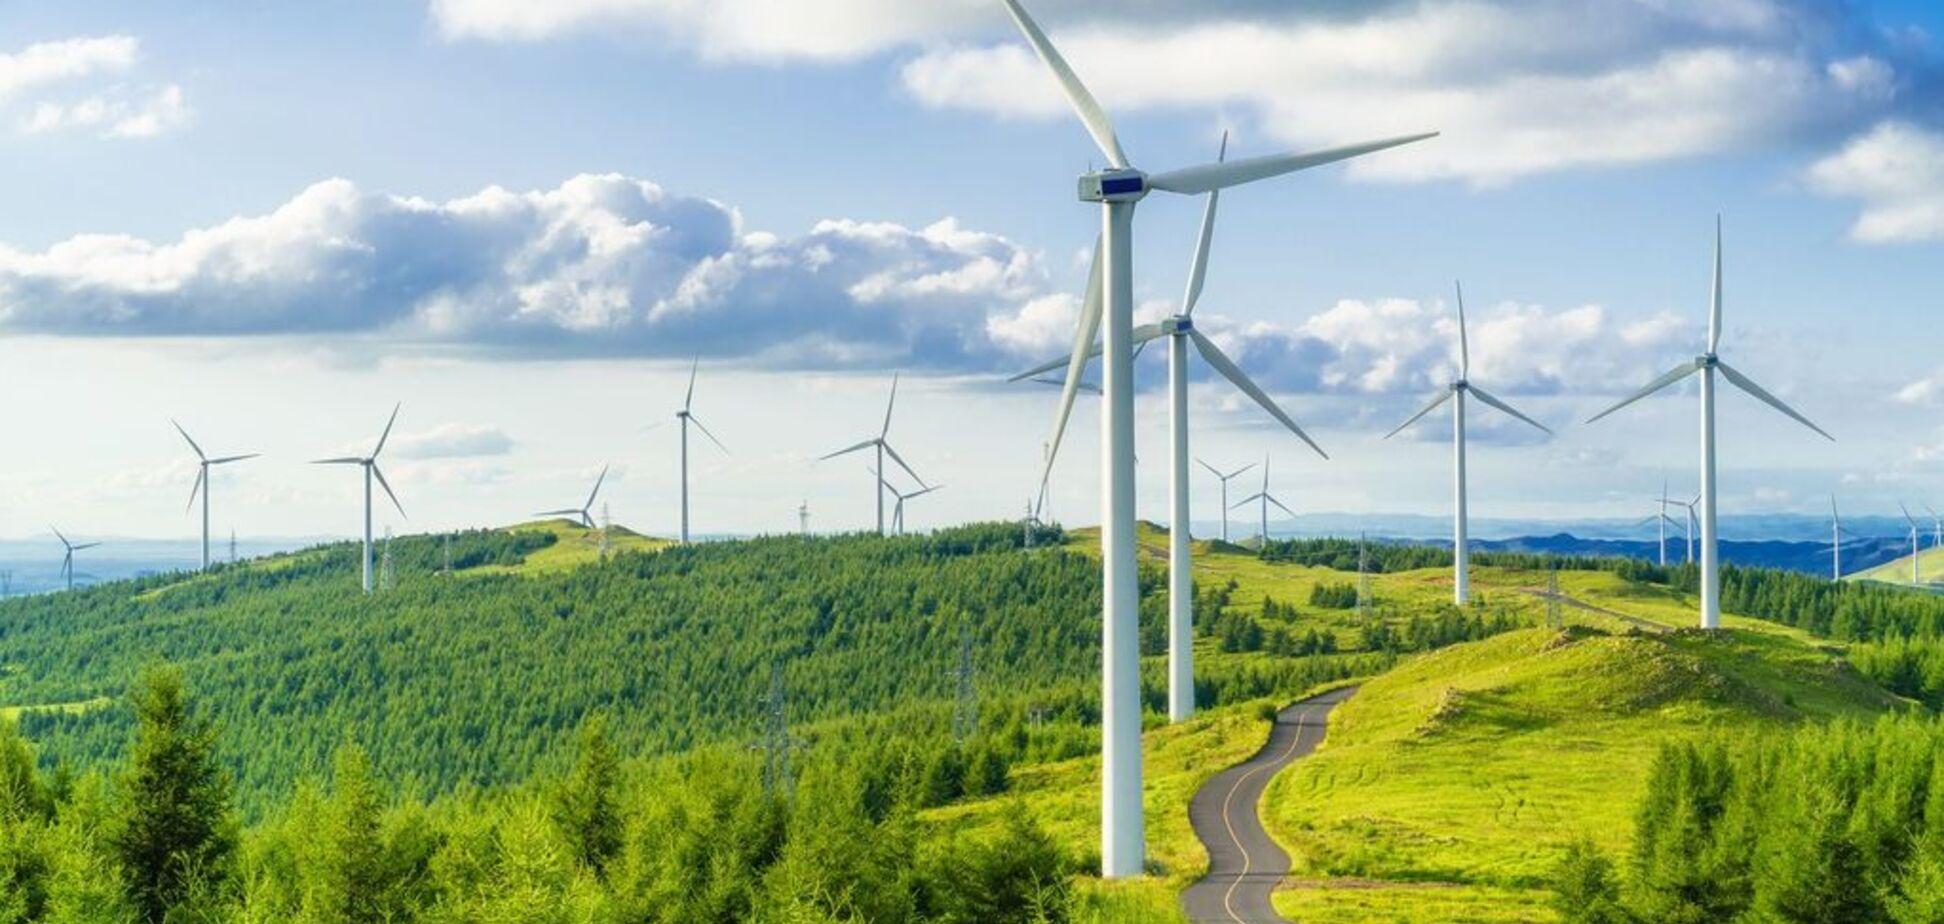 'Зеленой' энергетике предсказали стремительный рост: что изменится